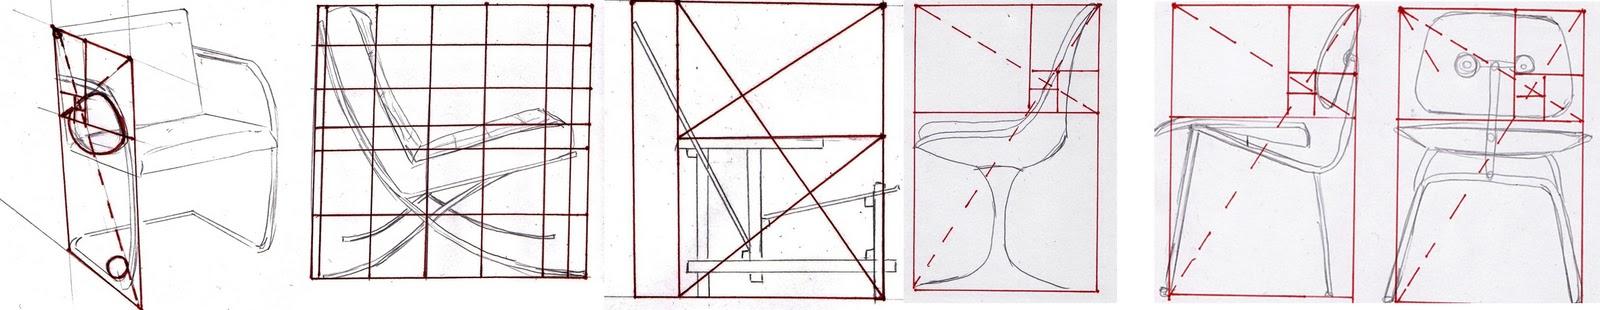 Cecilia polidori twice design e m la sezione aurea for Sedia barcellona